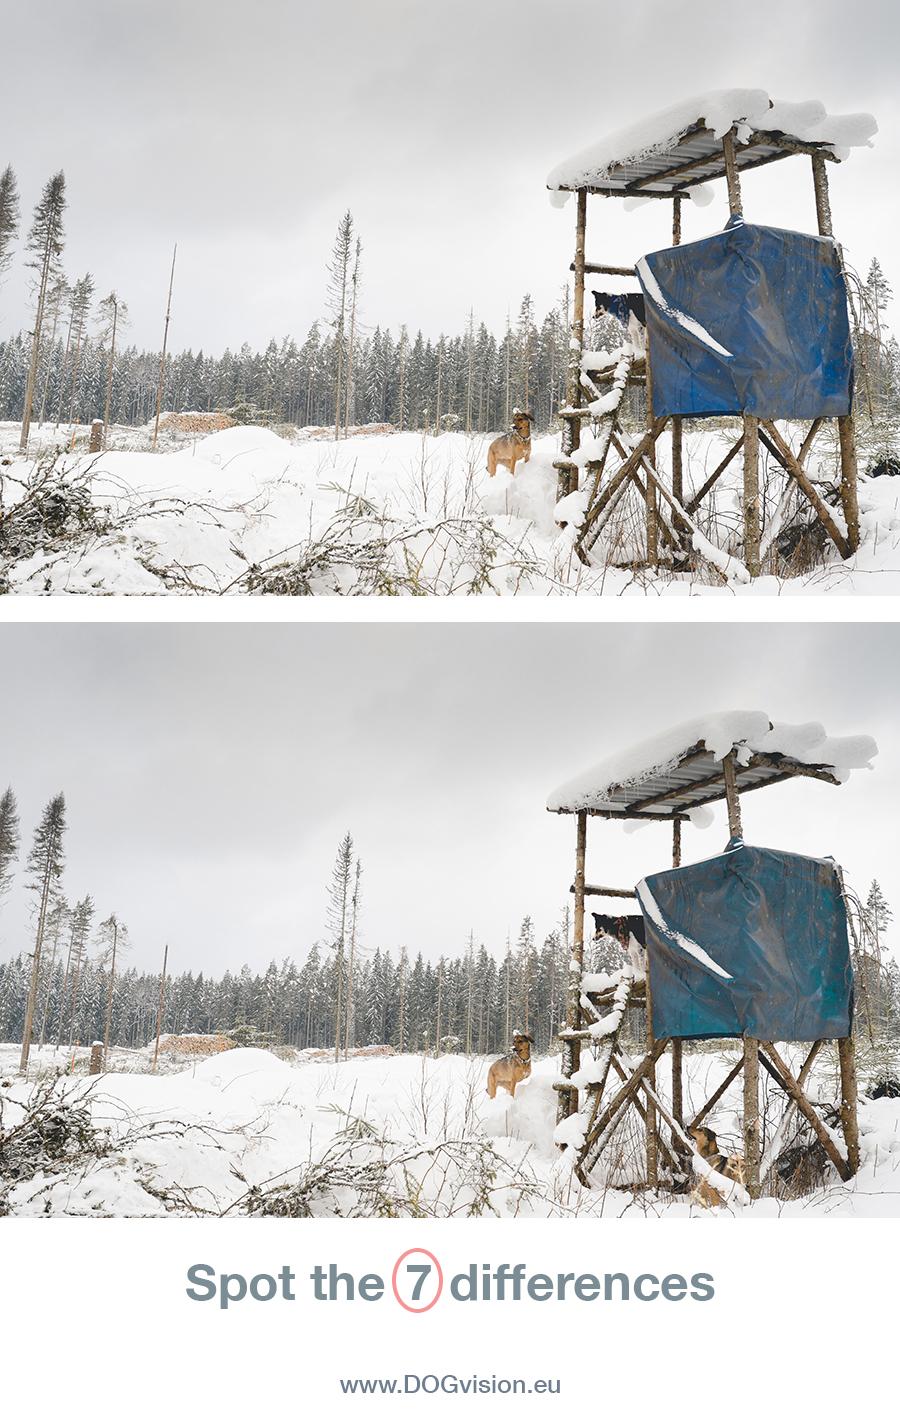 Zoek de 7 verschillen| Hondenfotografie, leven in Zweden, winter, honden| www.DOGvision.be